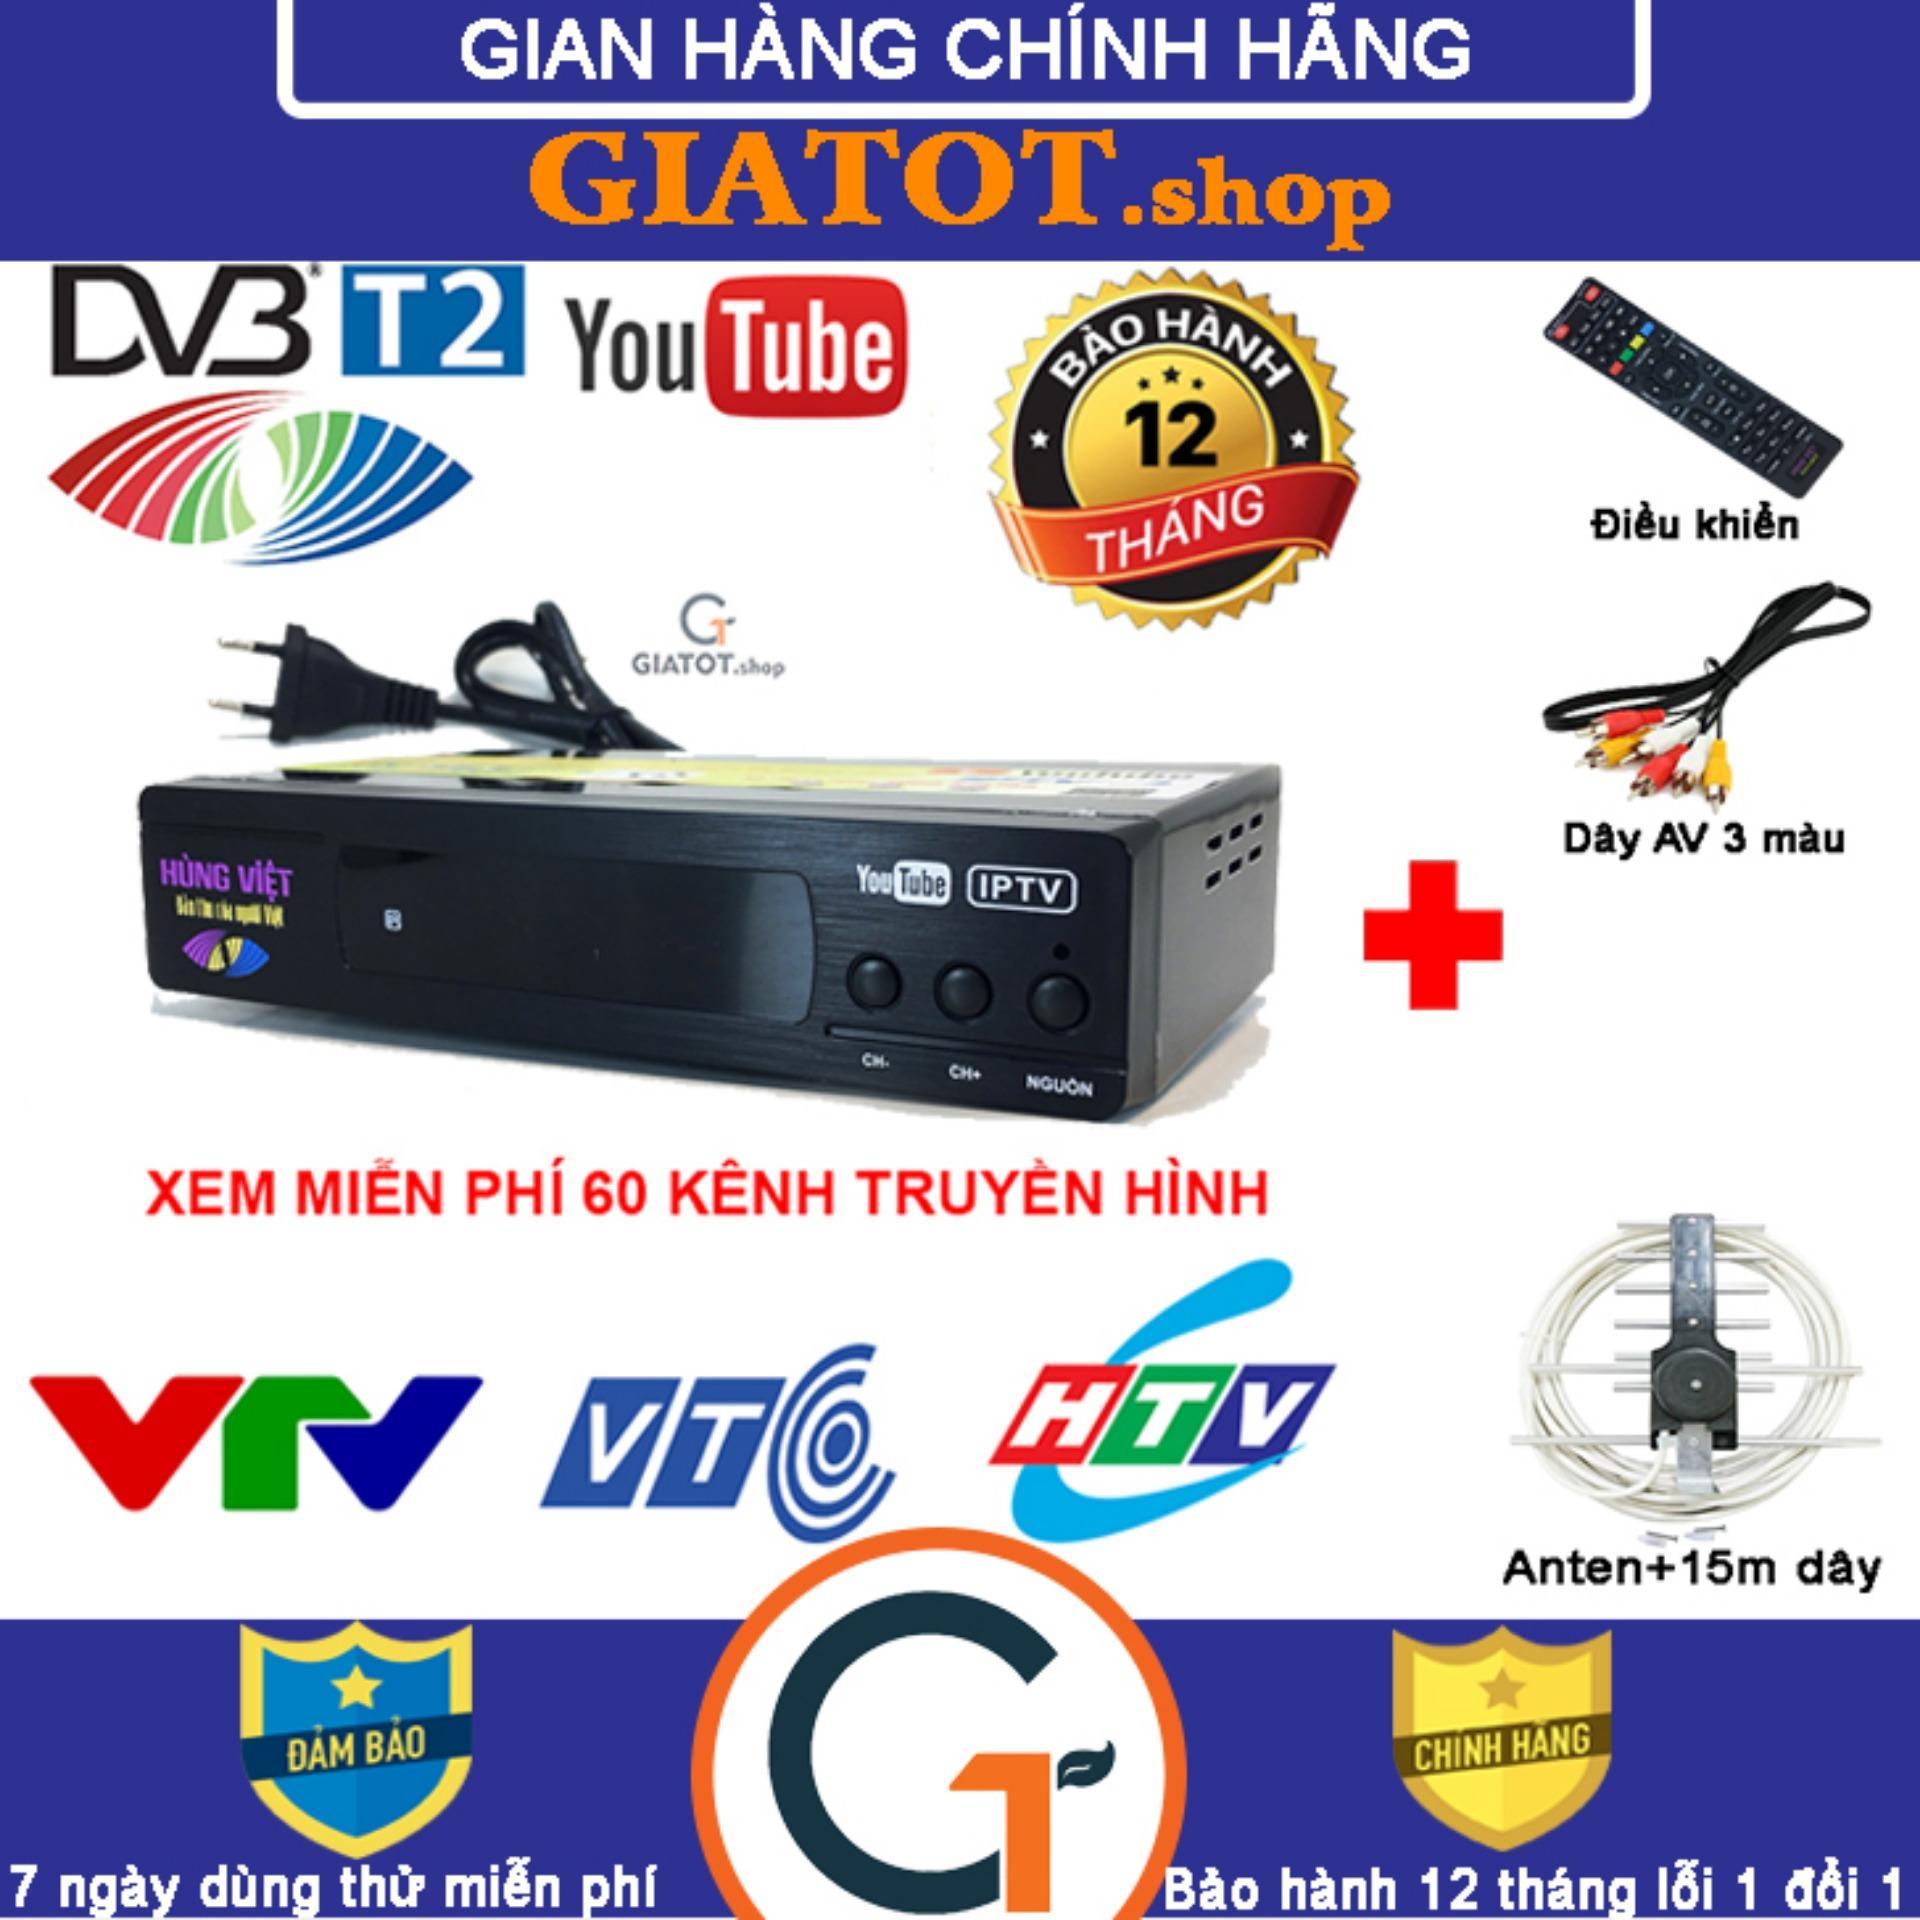 Voucher Khuyến Mãi Đầu Thu Kỹ Thuật Số DVB T2 HÙNG VIỆT TS-123 Internet & Bộ Phụ Kiện